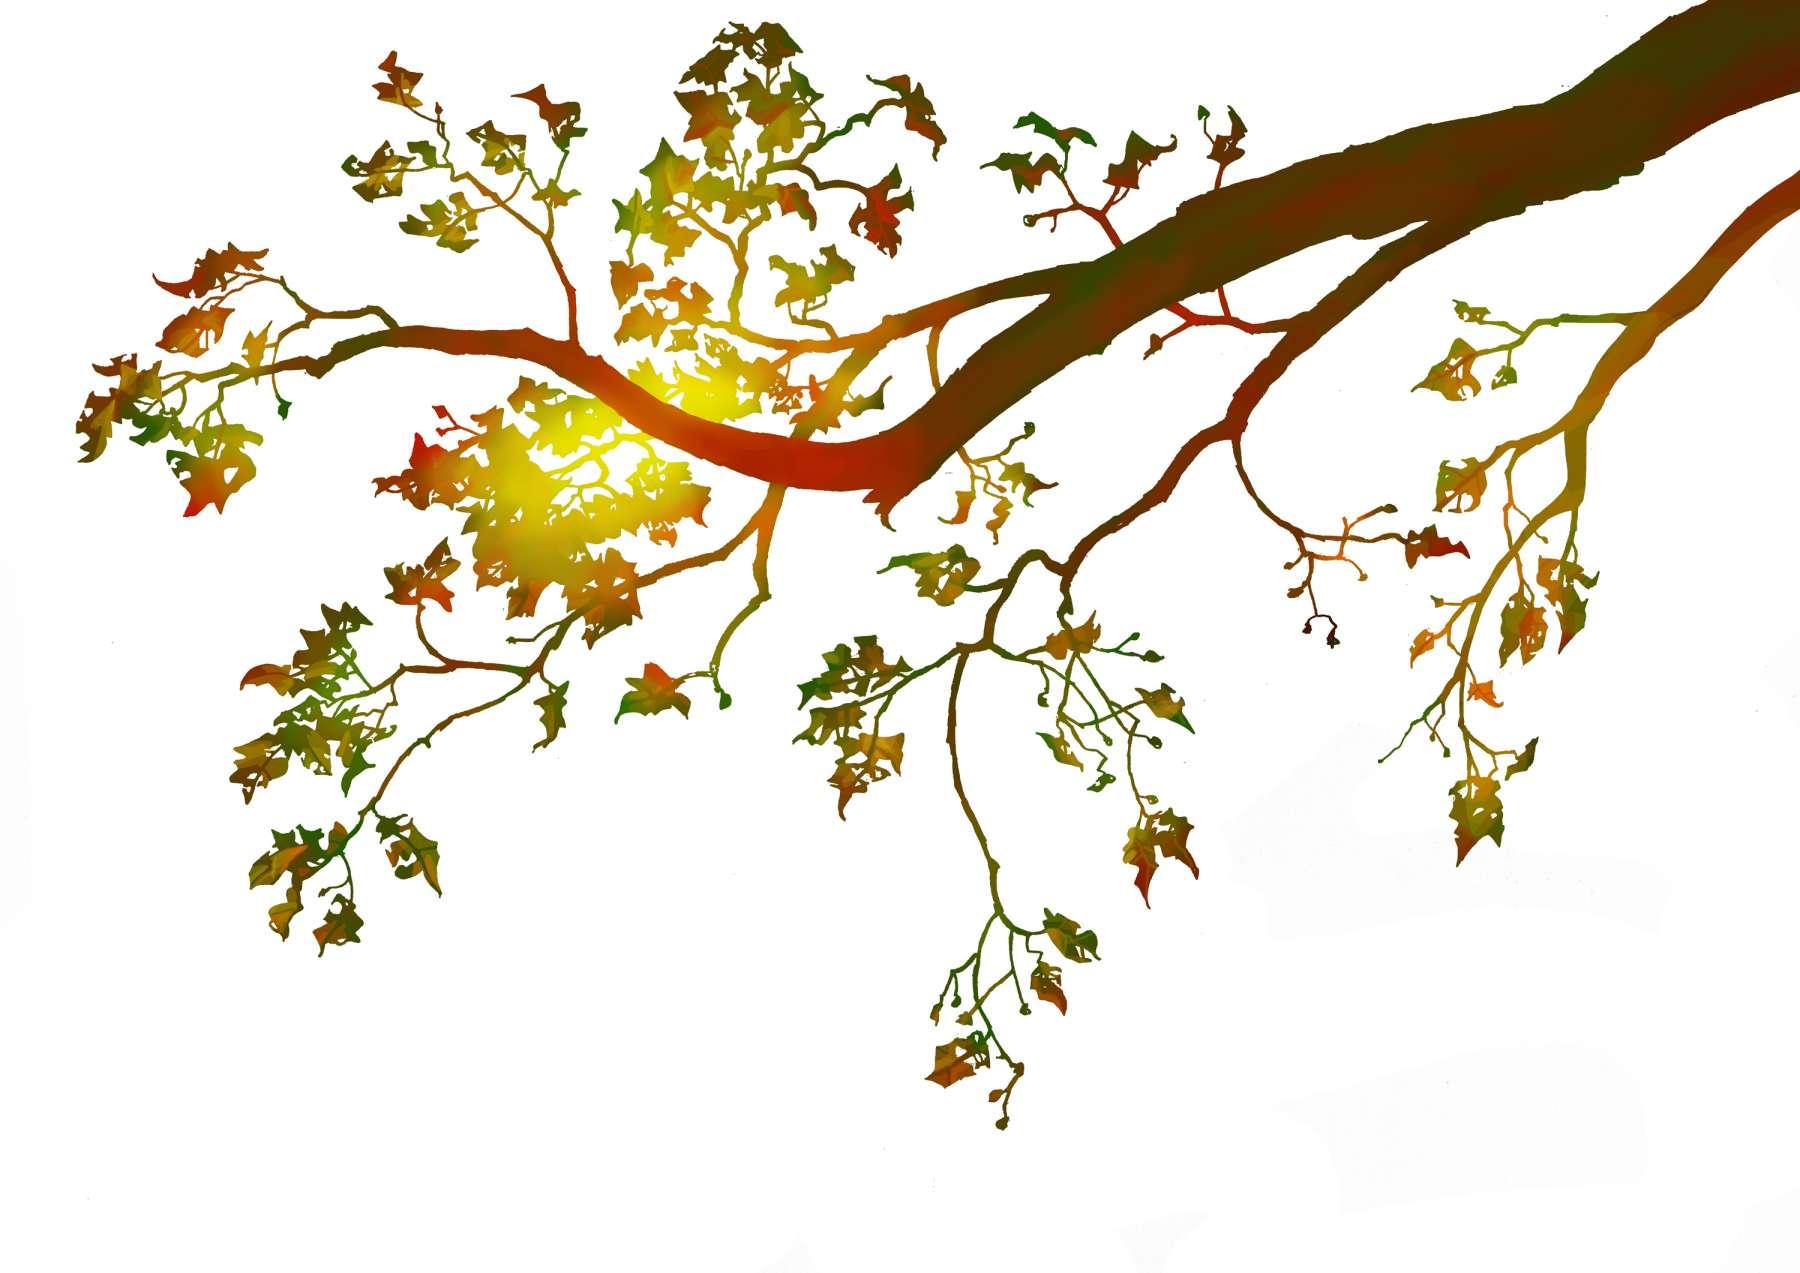 De vier jaargetijden - herfst. <br>Ontwerp voor een aardewerken schotel.